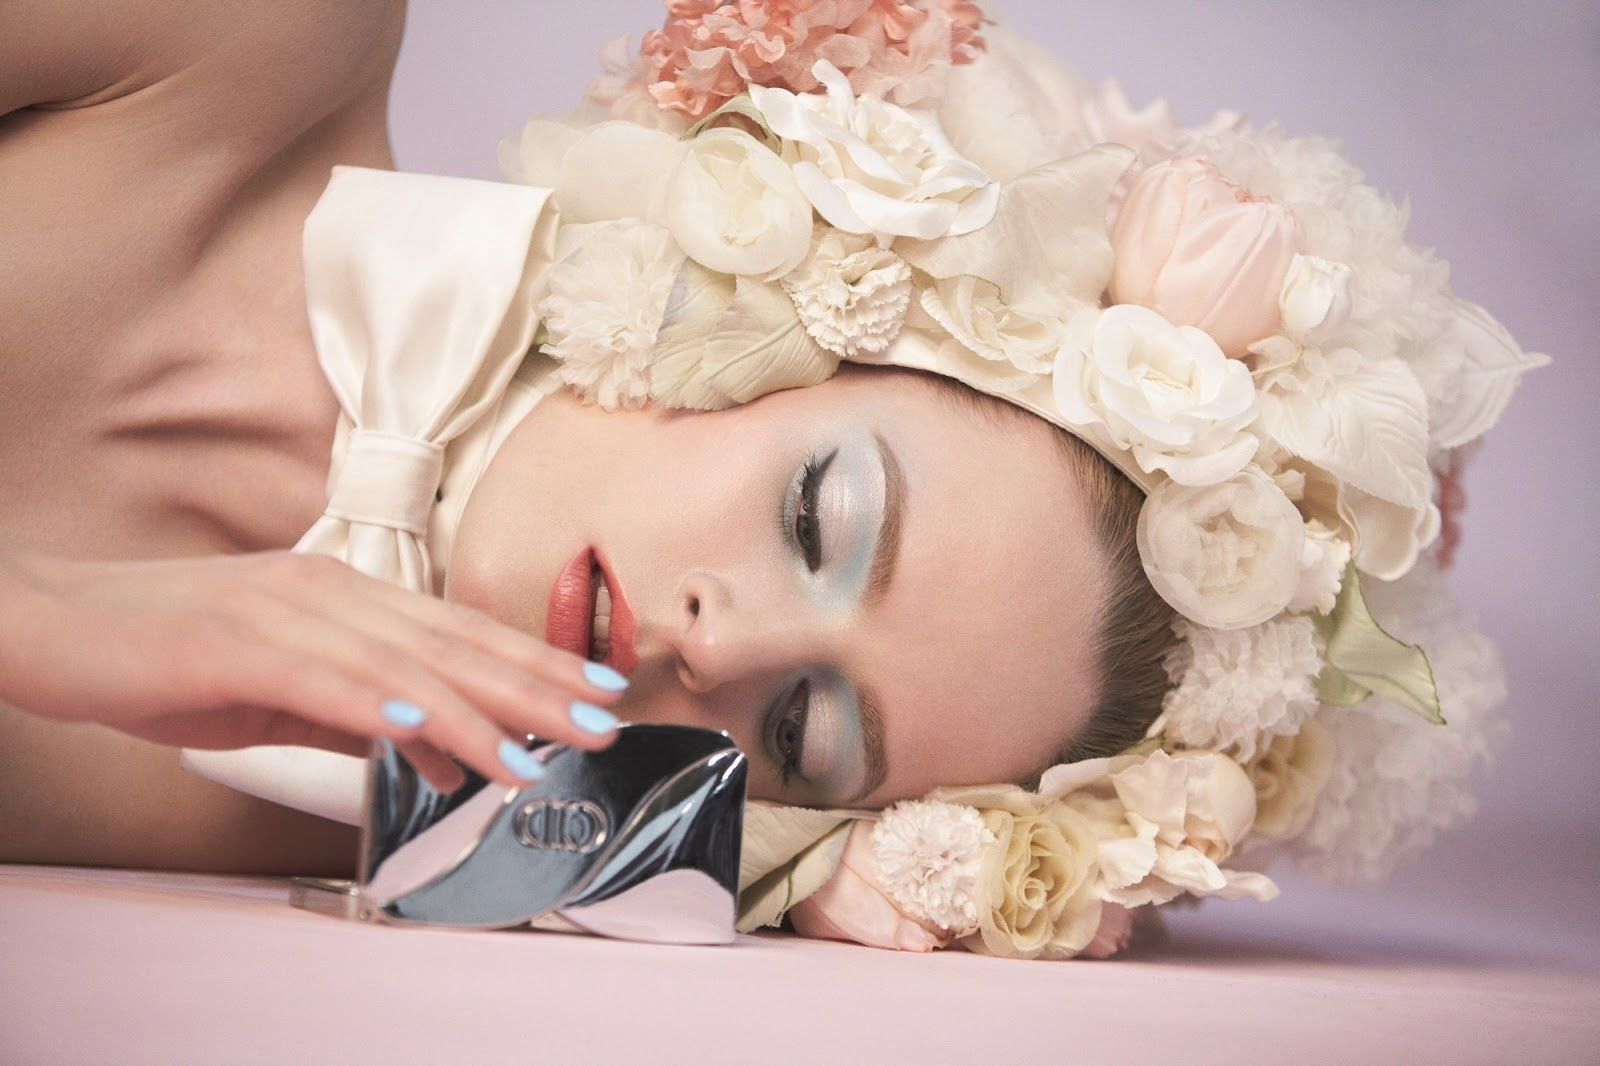 Dior Trianon Spring 2014 | Nailderella